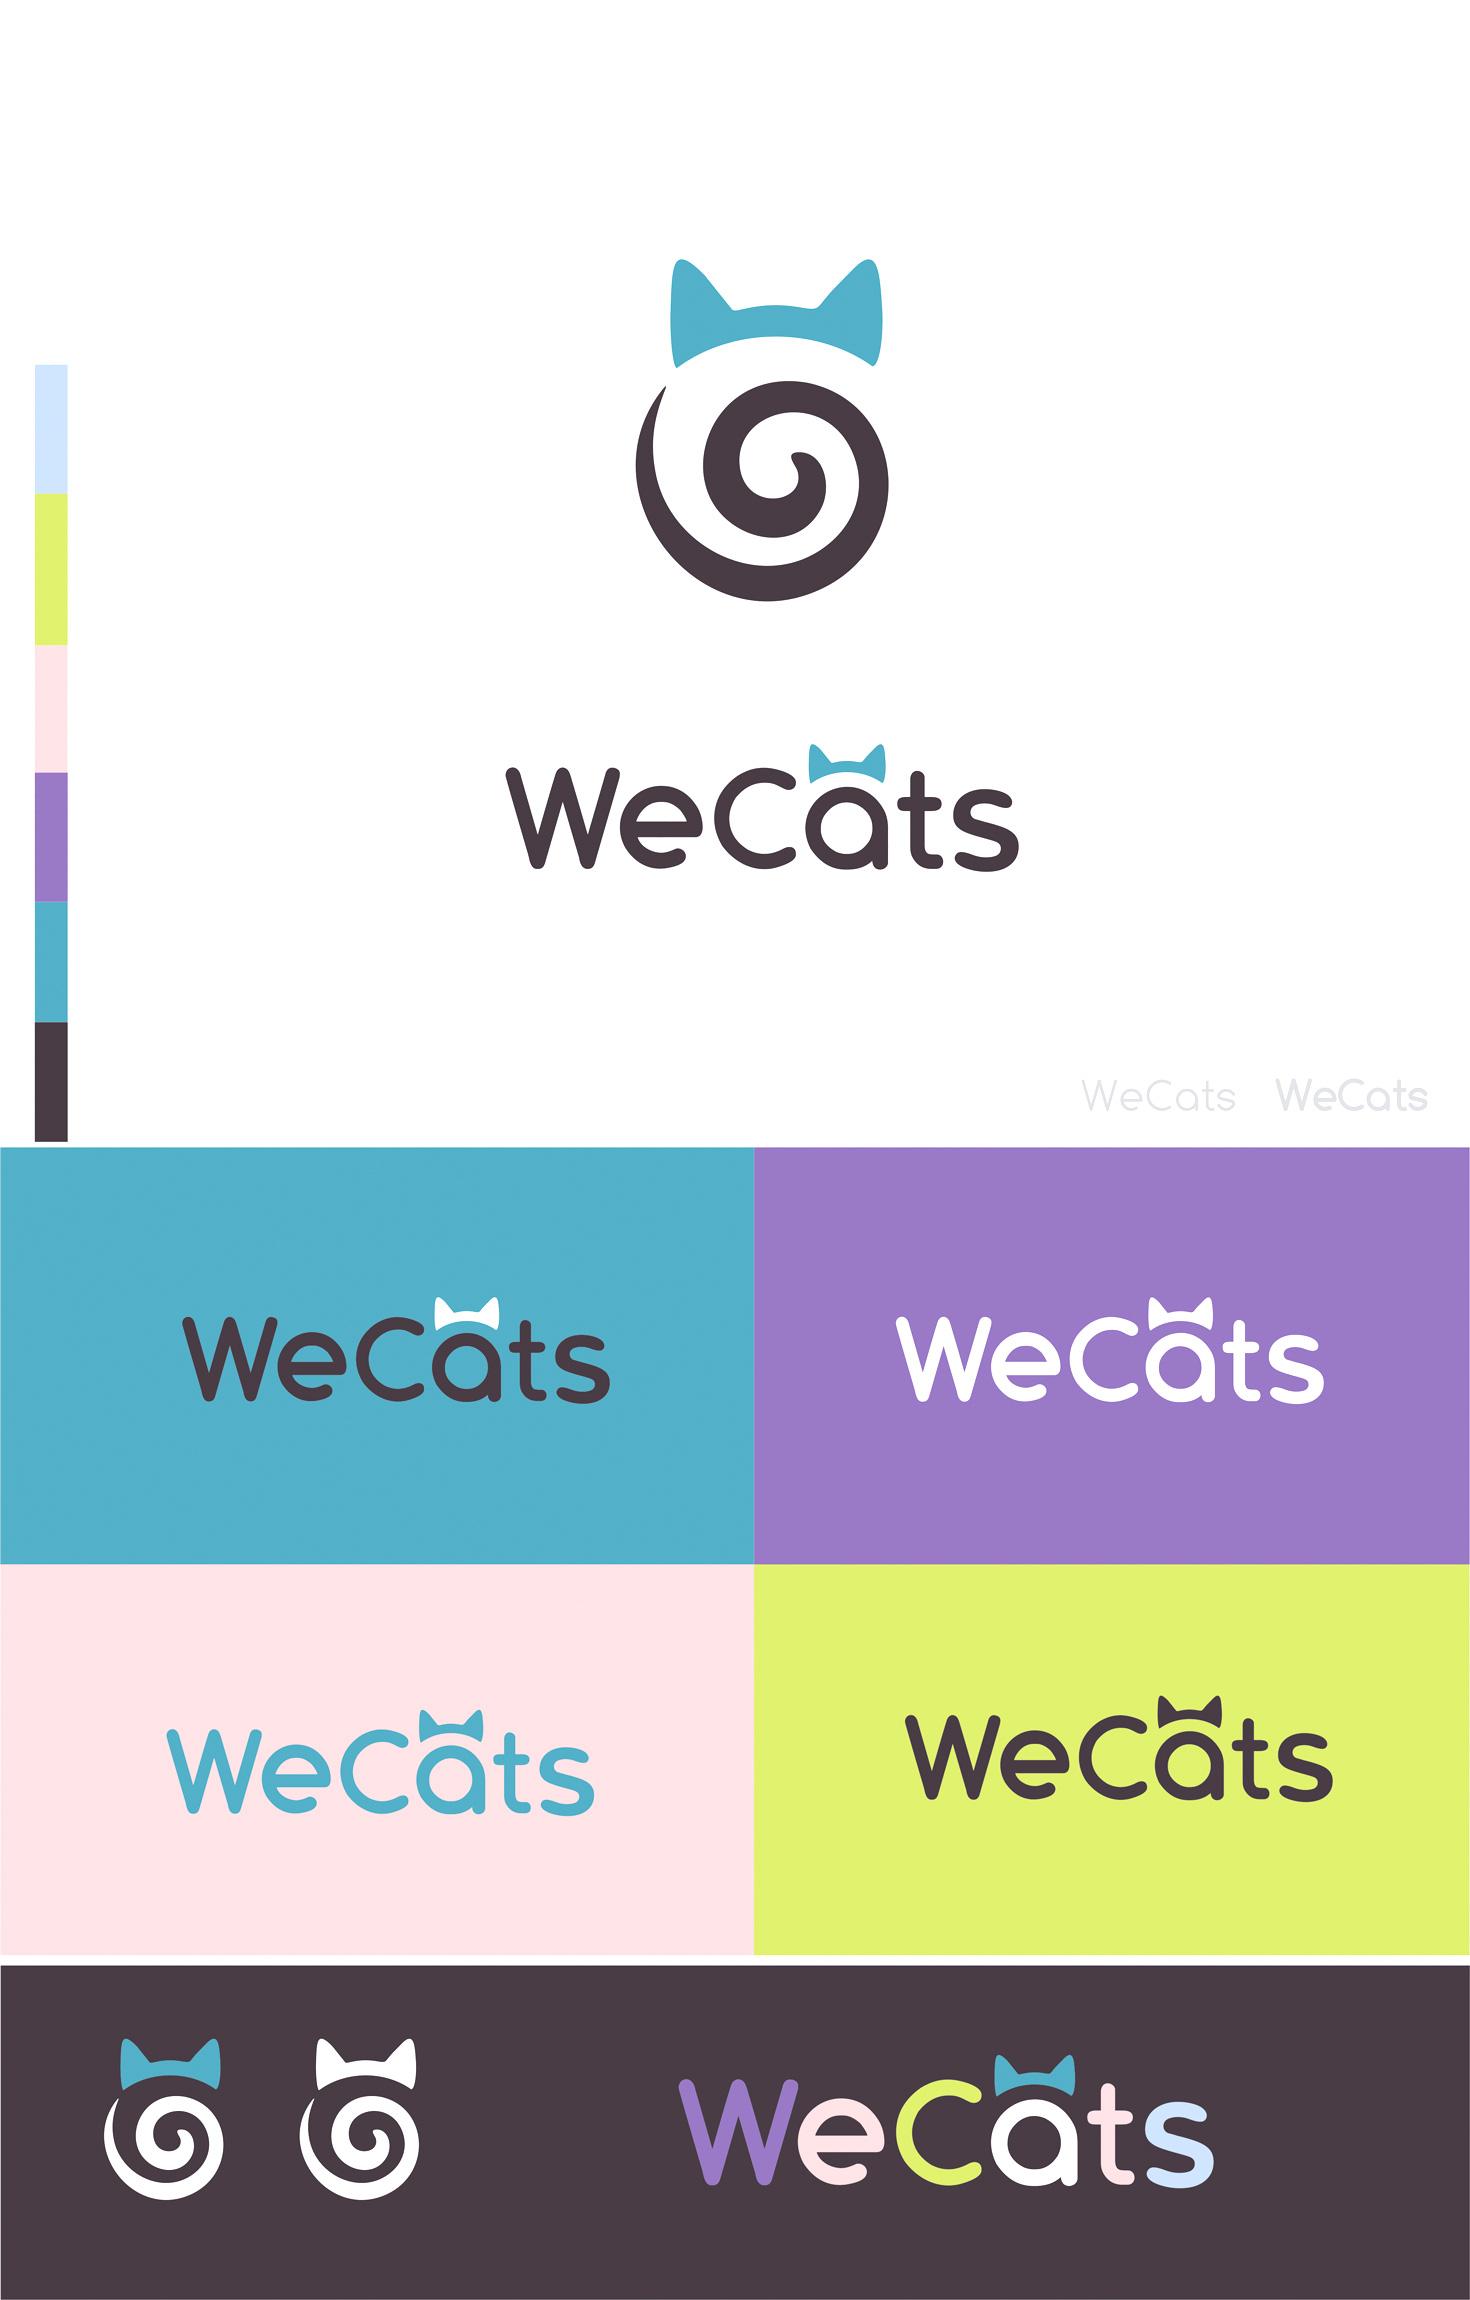 Создание логотипа WeCats фото f_0785f1dda095d4ea.jpg